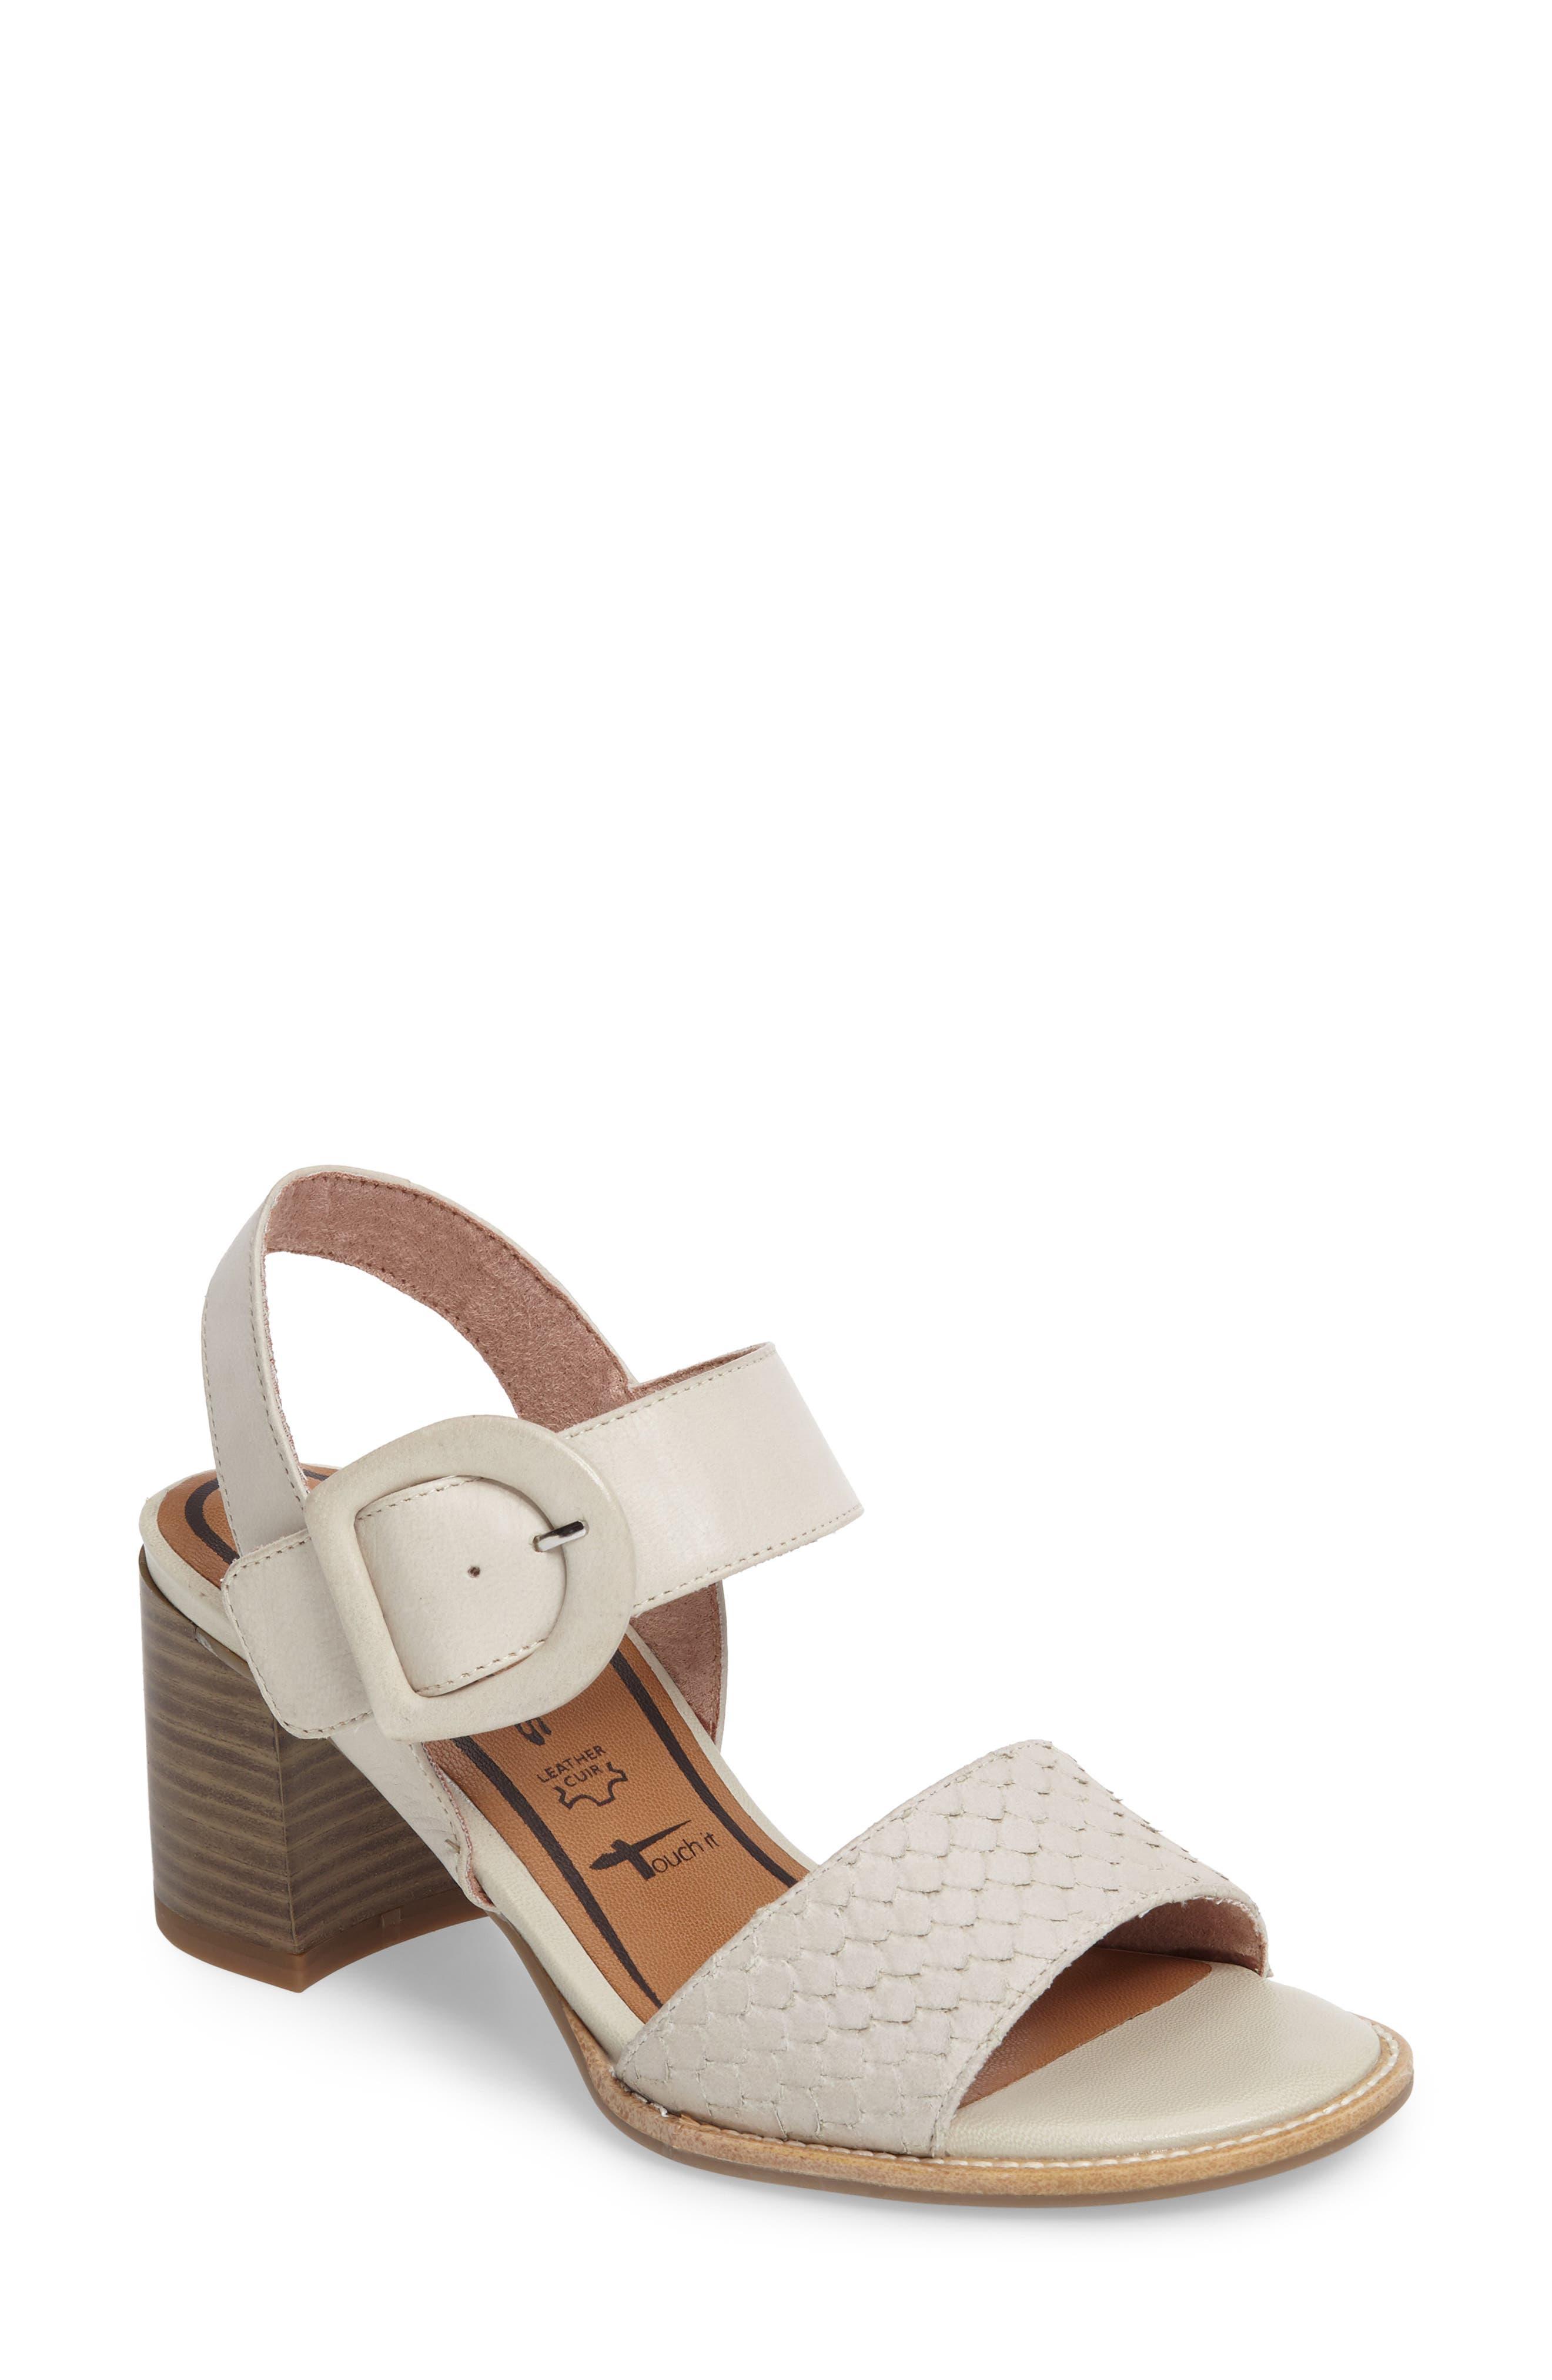 Main Image - Tamaris Danni Block Heel Sandal (Women)